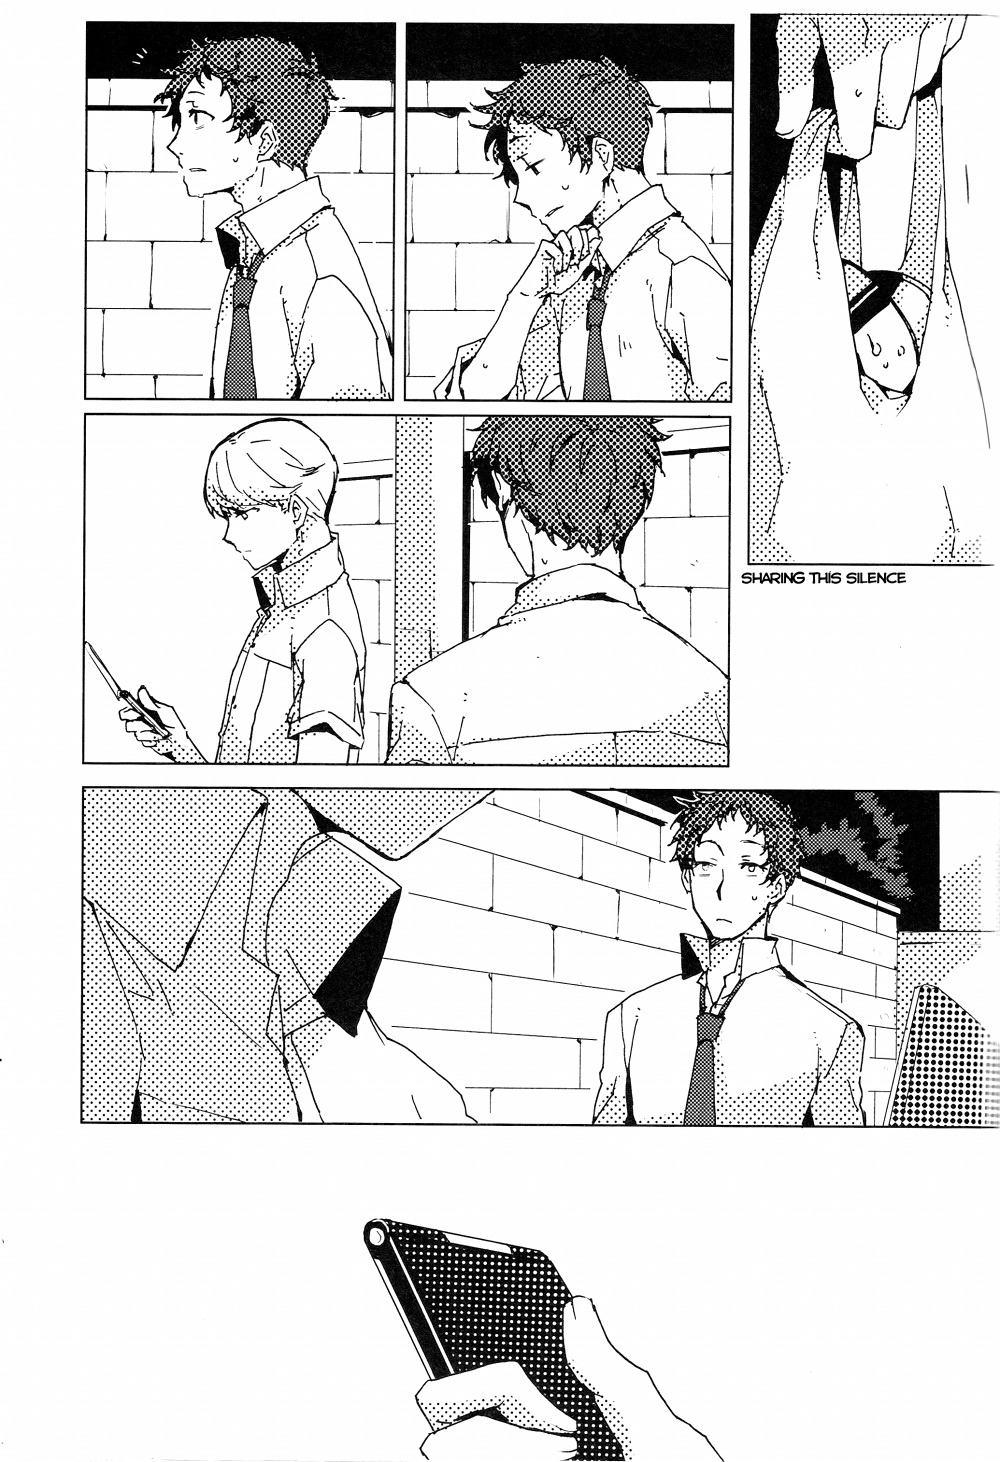 Chia Sẻ Sự Tĩnh Lặng - Tác giả HEART STATION (Ebisushi) - Trang 2